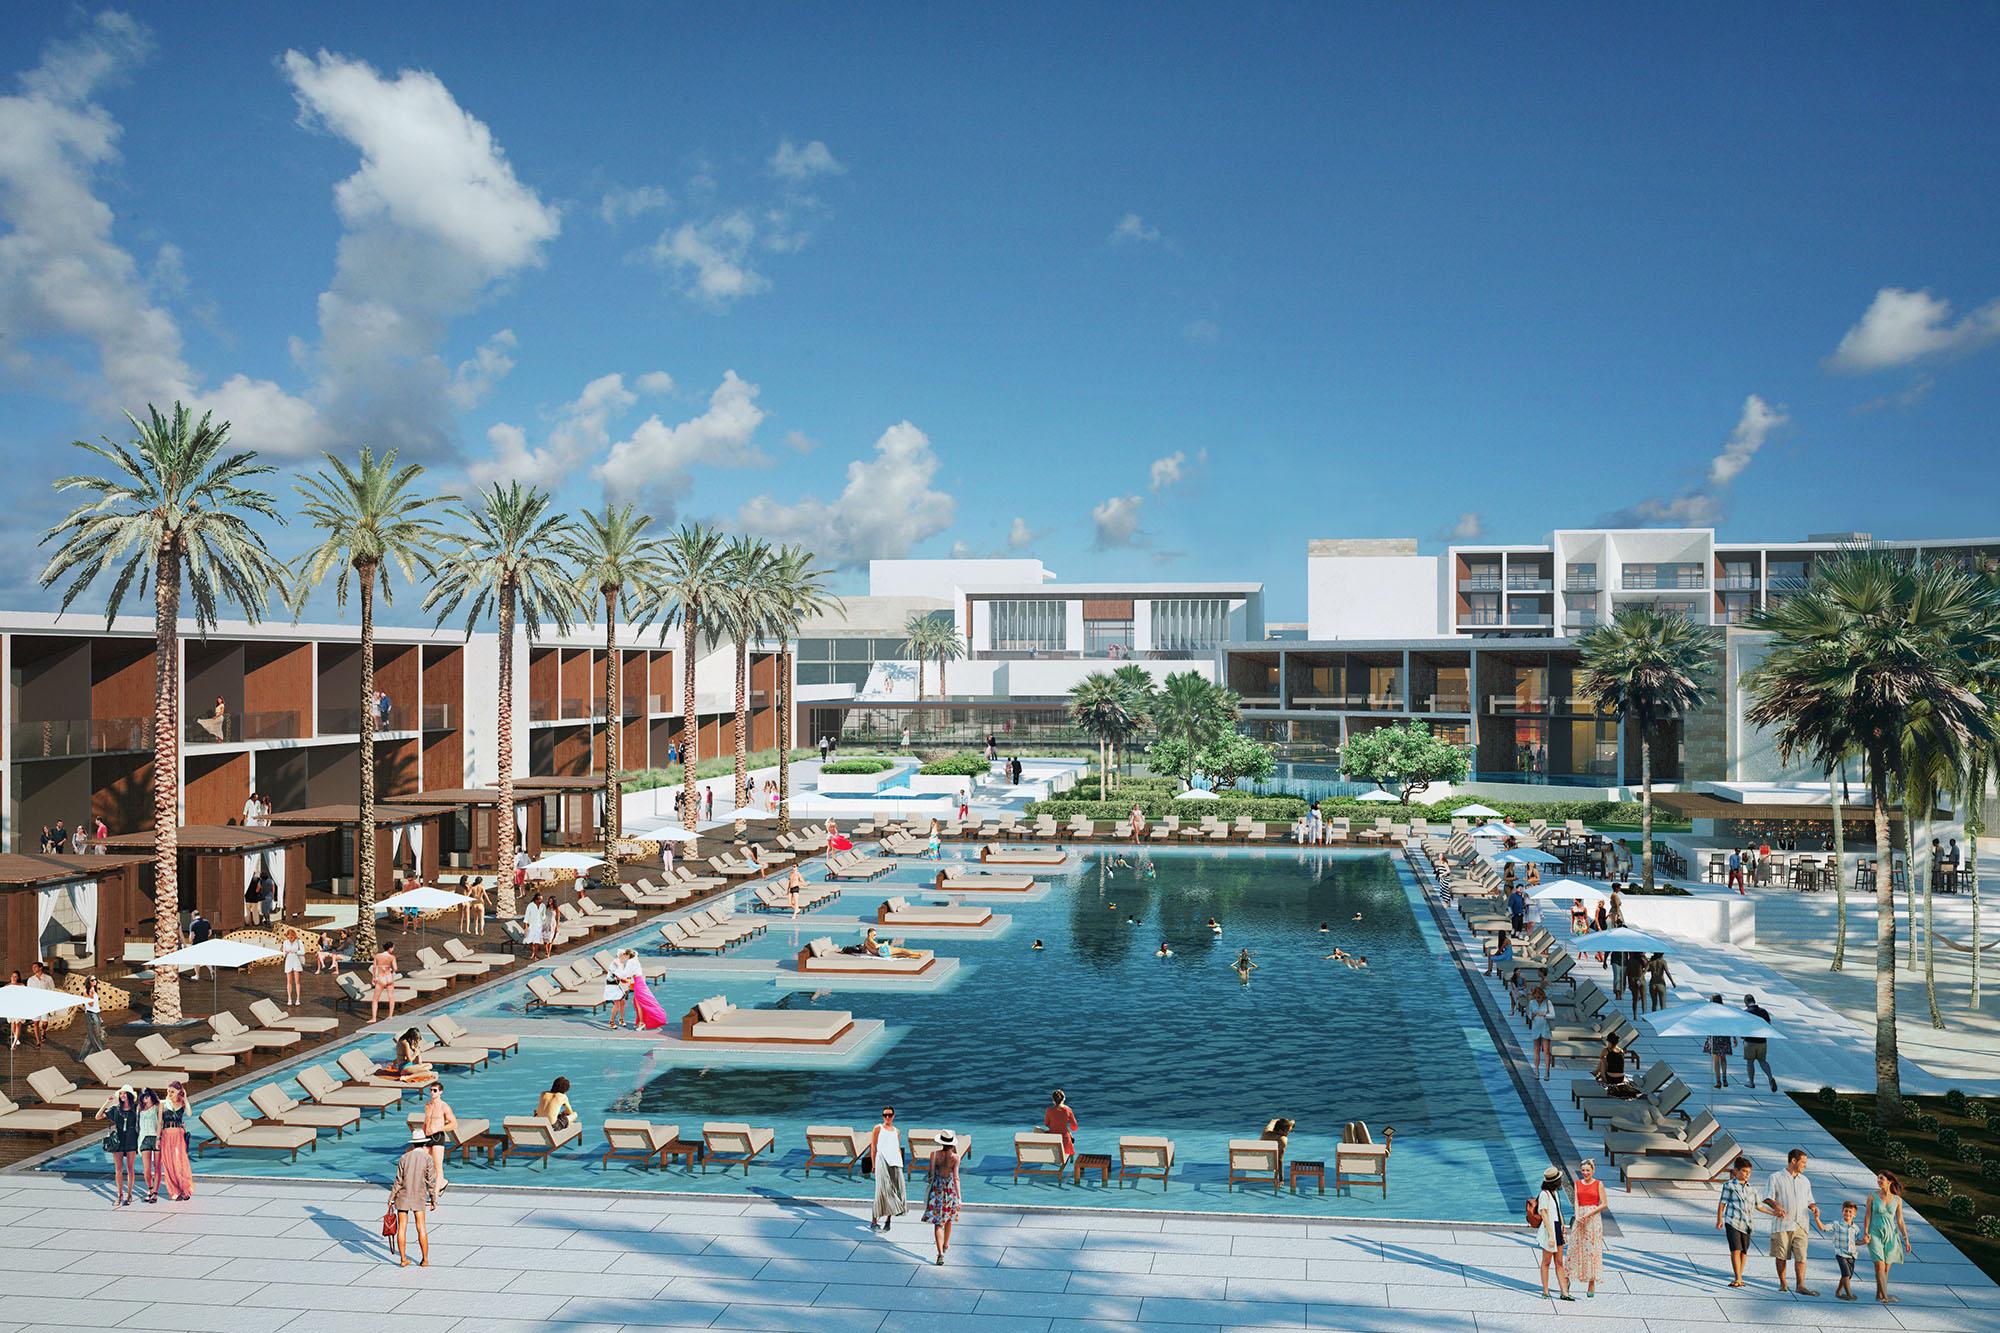 Nobu Cabo Mexico WATG Pool